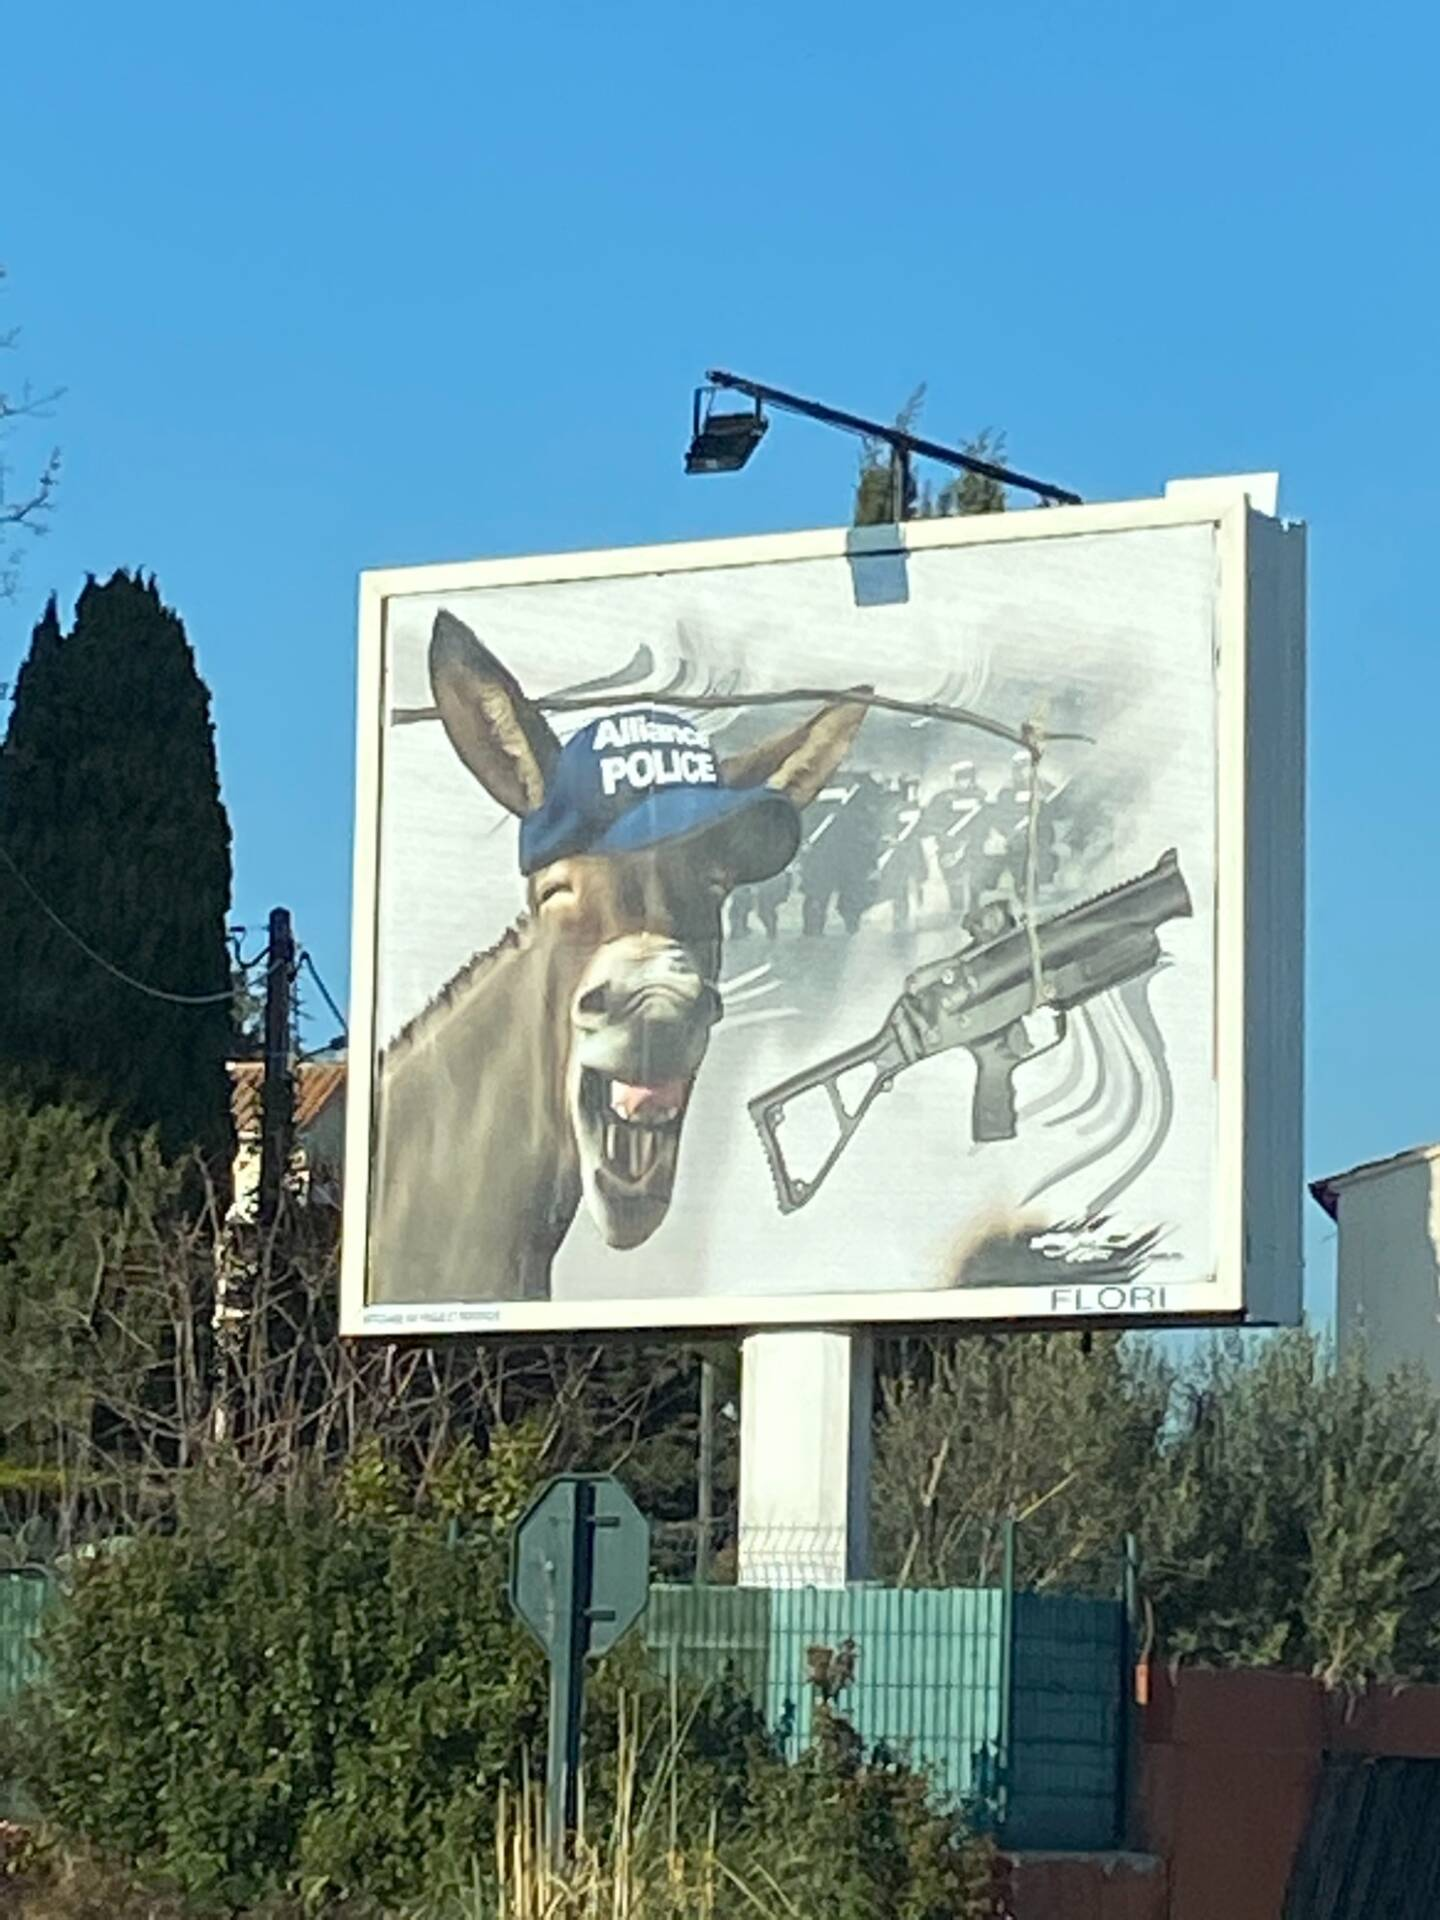 La nouvelle affiche de Michel-Ange Flori